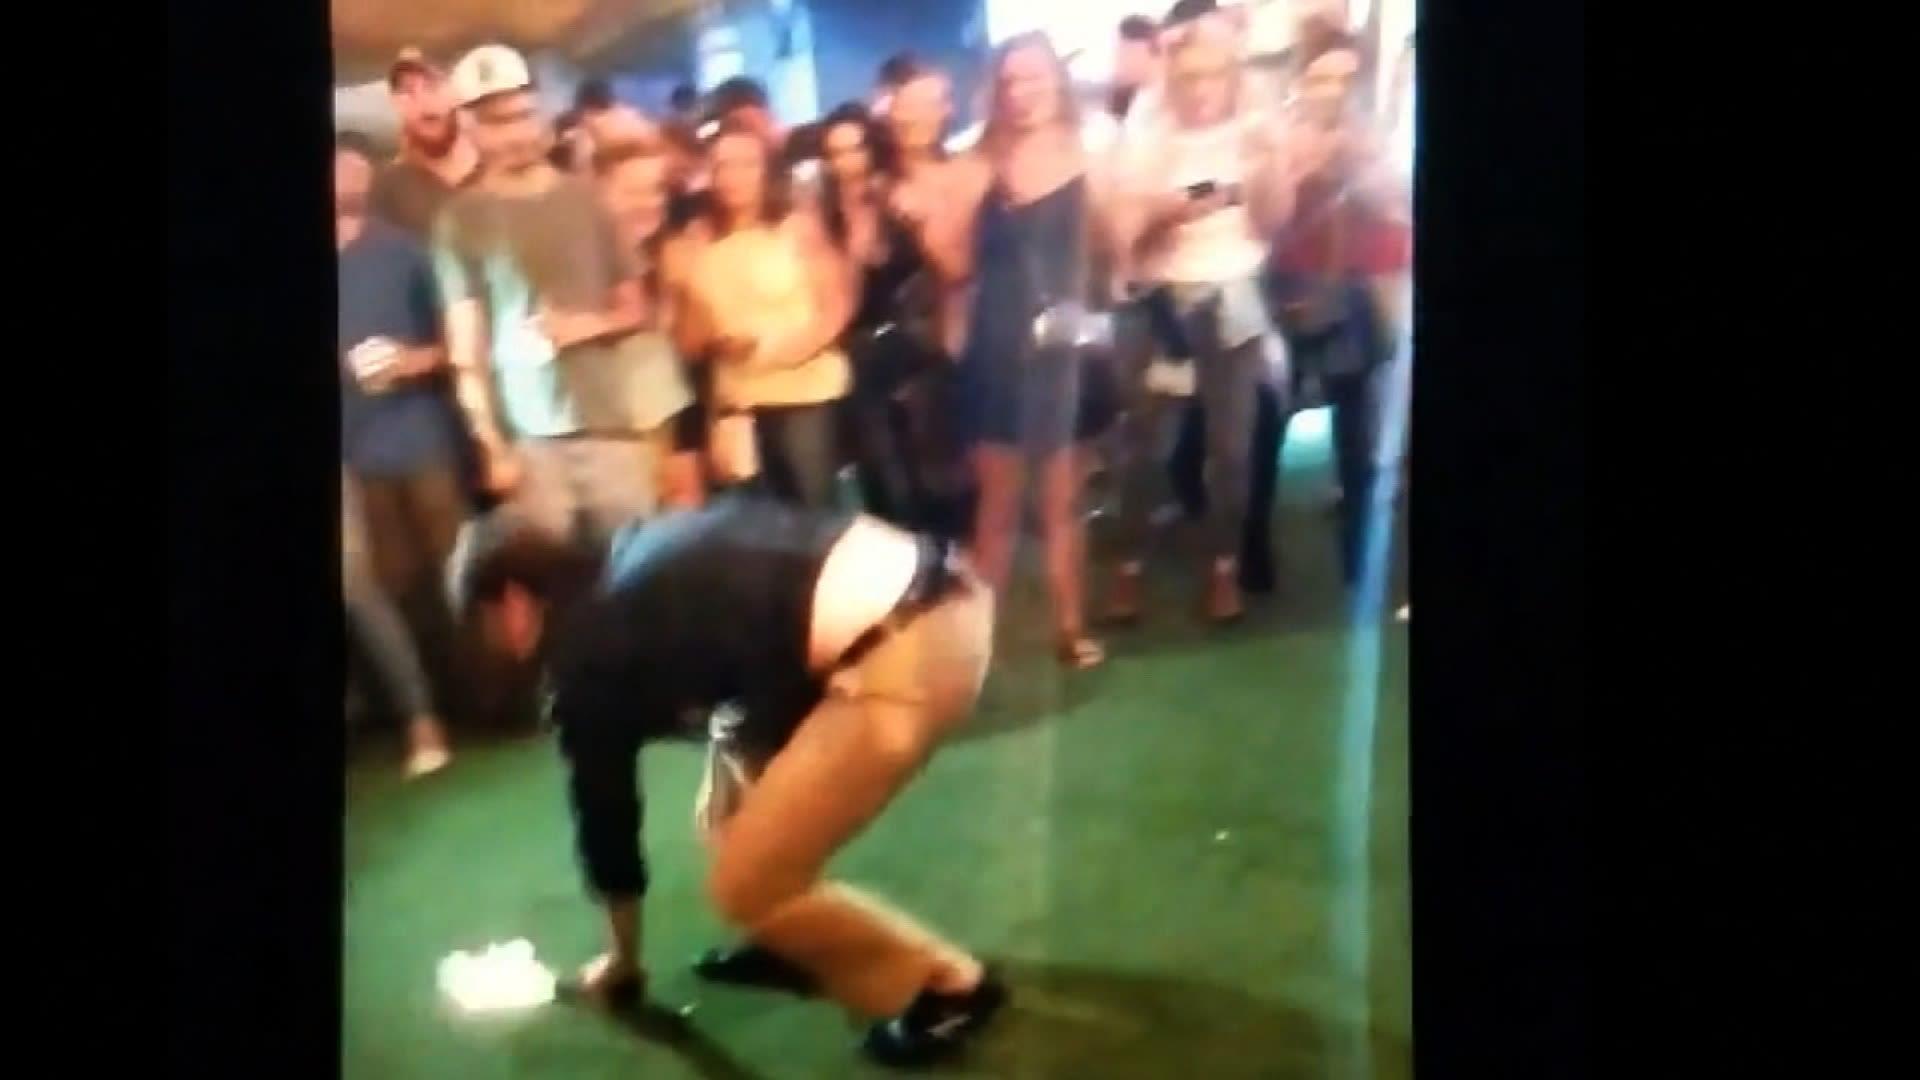 شاهد.. عميل أمريكي يطلق النار على رجل بالخطأ أثناء الرقص